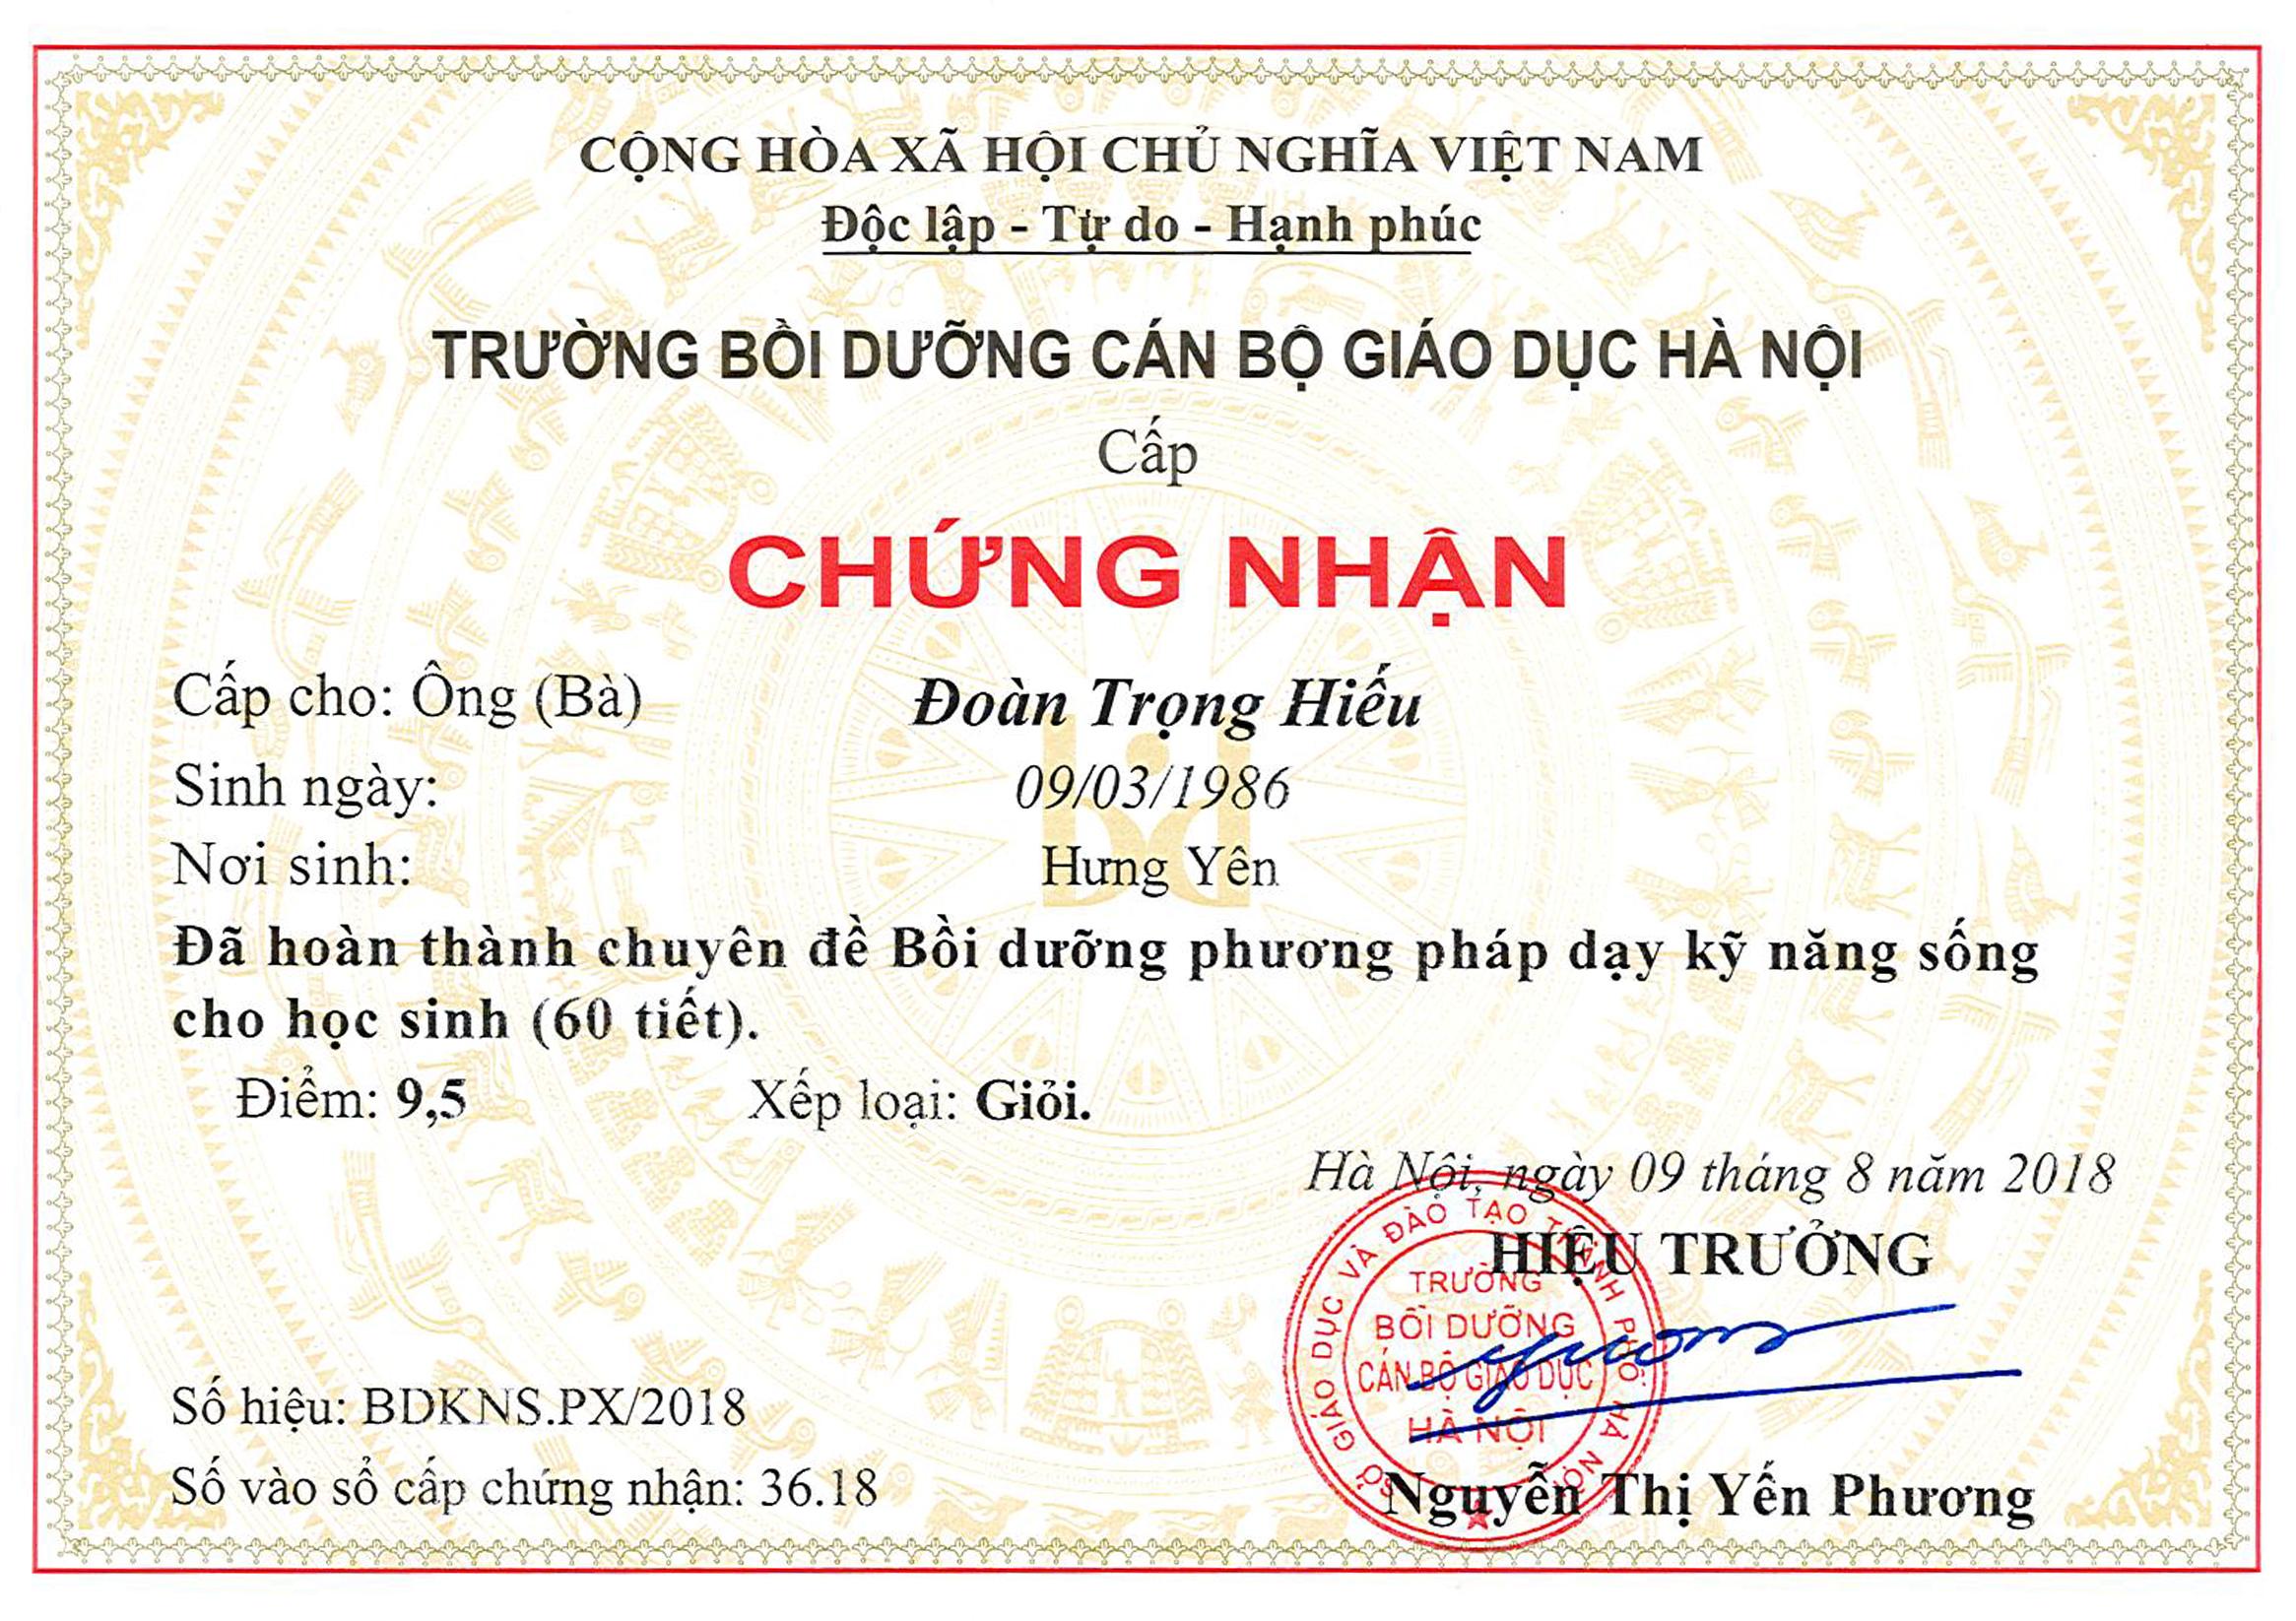 Chung chi Hieu DT